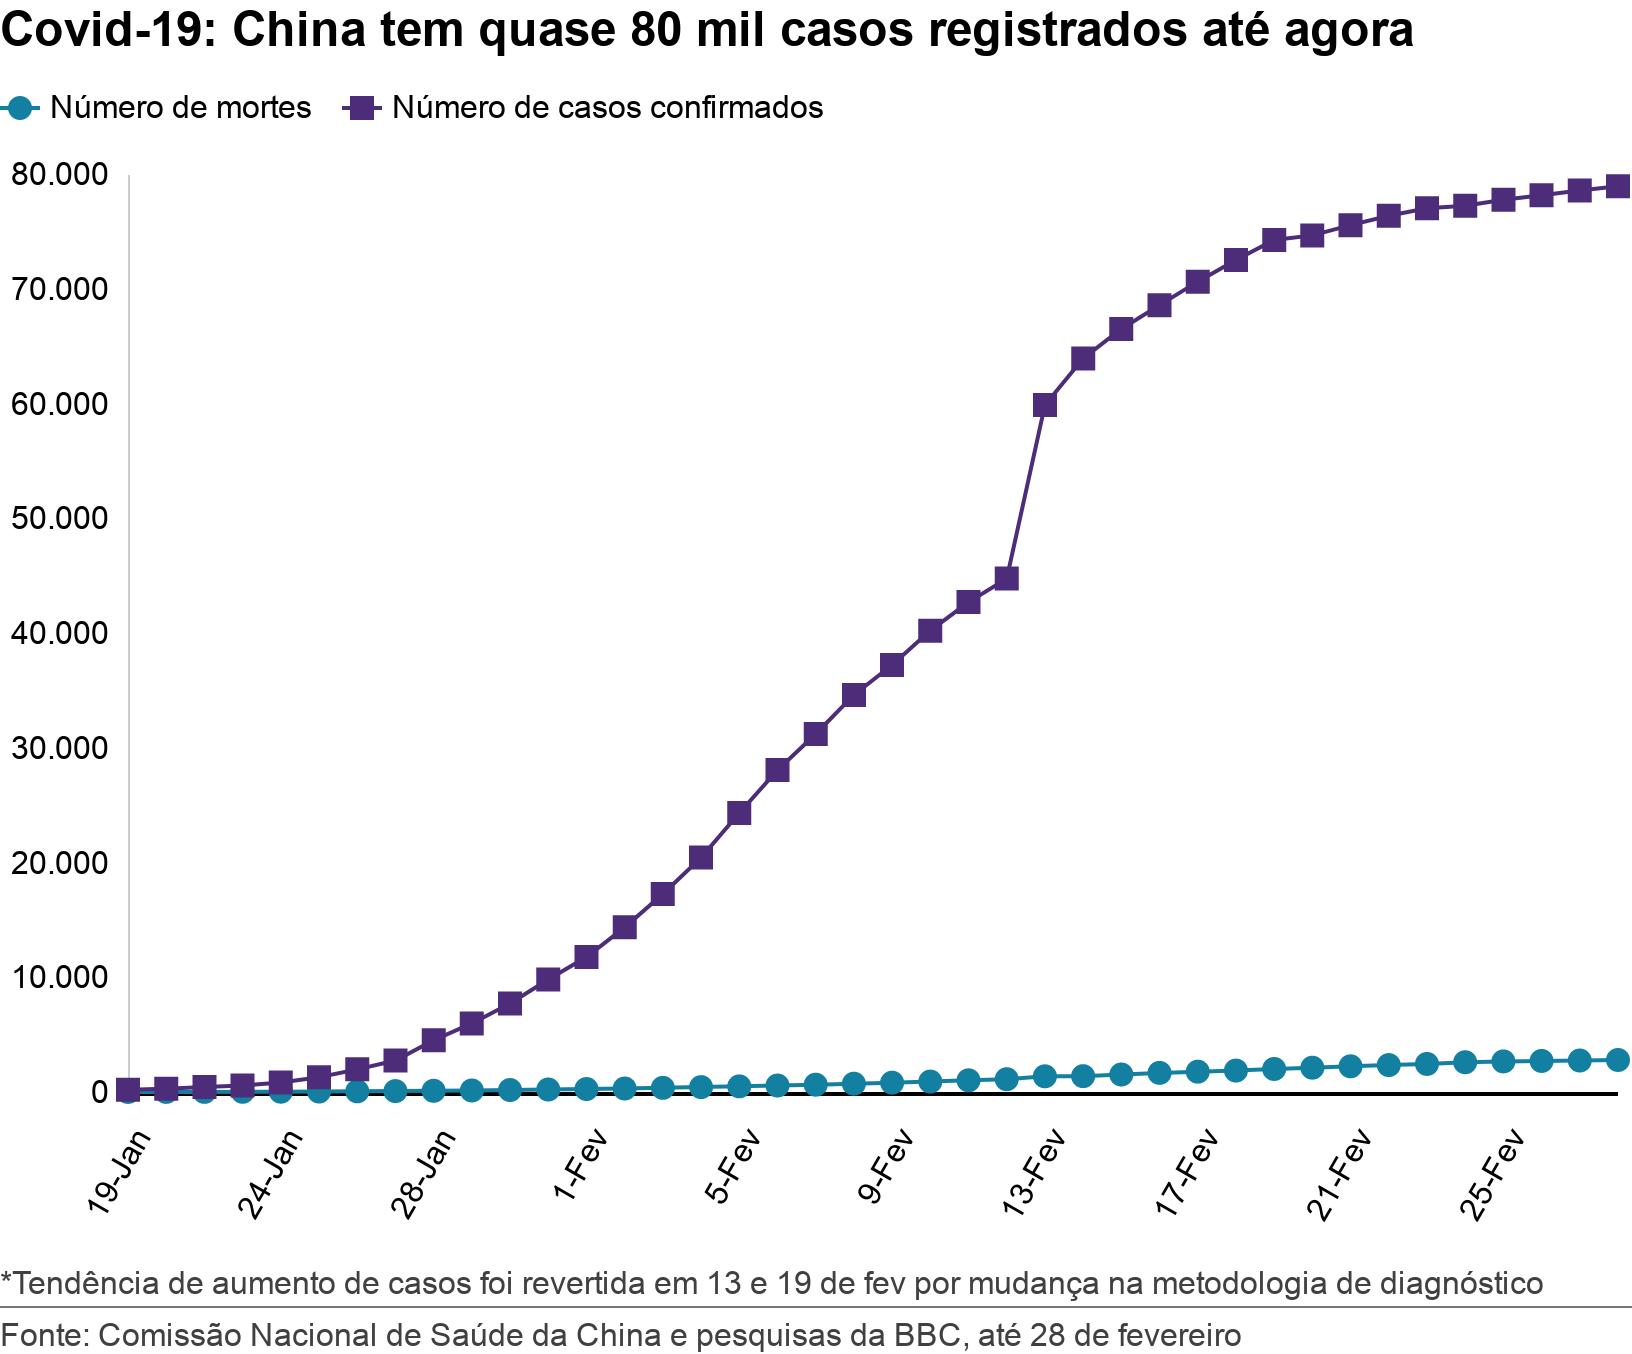 Covid-19: China tem quase 80 mil casos registrados até agora. .  *Tendência de aumento de casos foi revertida em 13 e 19 de fev  por mudança na metodologia de diagnóstico.